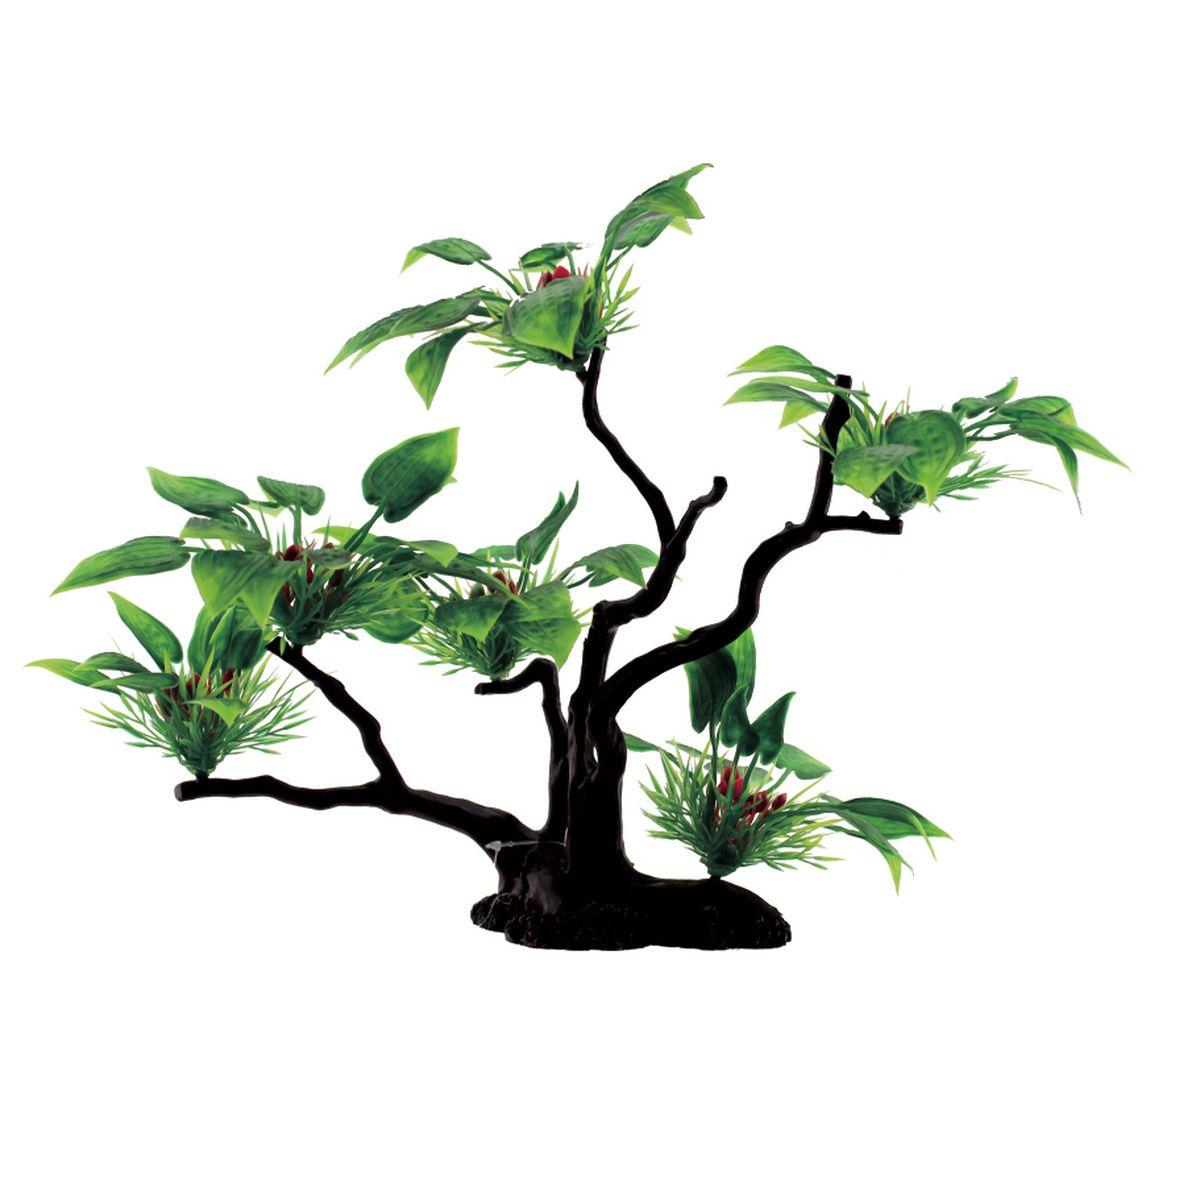 Композиция из растений для аквариума ArtUniq Буцефаландра широколистная, 32 x 12 x 32 смART-1130302Композиция из растений для аквариума ArtUniq Буцефаландра широколистная, 32 x 12 x 32 см